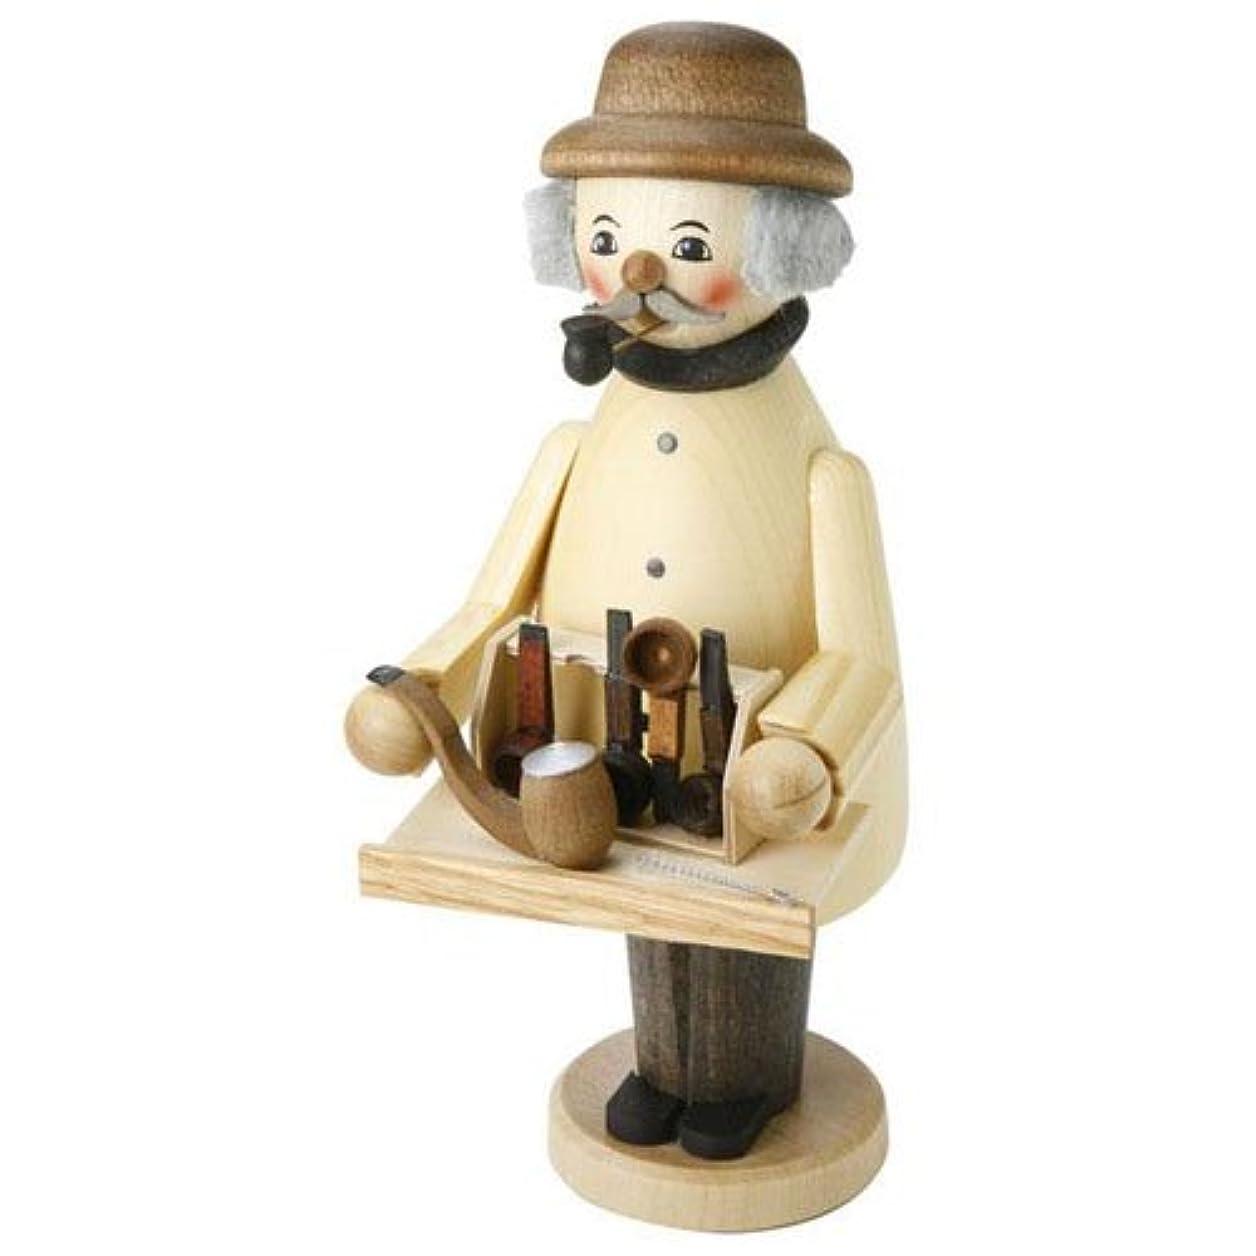 説教する電化するうま39089 Kuhnert(クーネルト) ミニパイプ人形香炉 パイプ売り